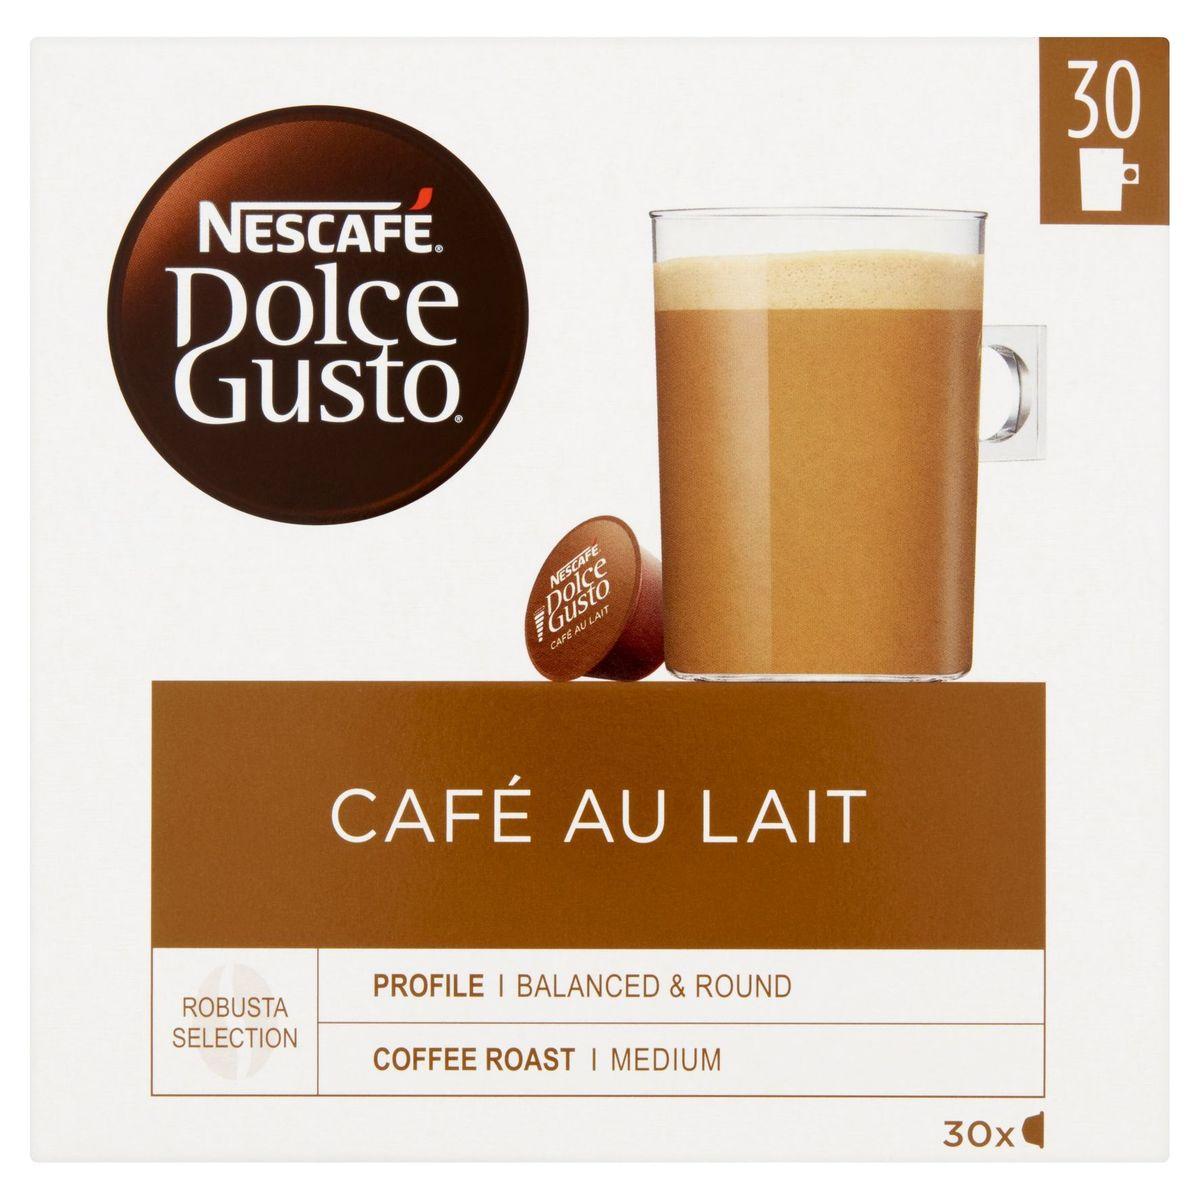 Nescafé Dolce Gusto Café au Lait 30 Capsules 300 g